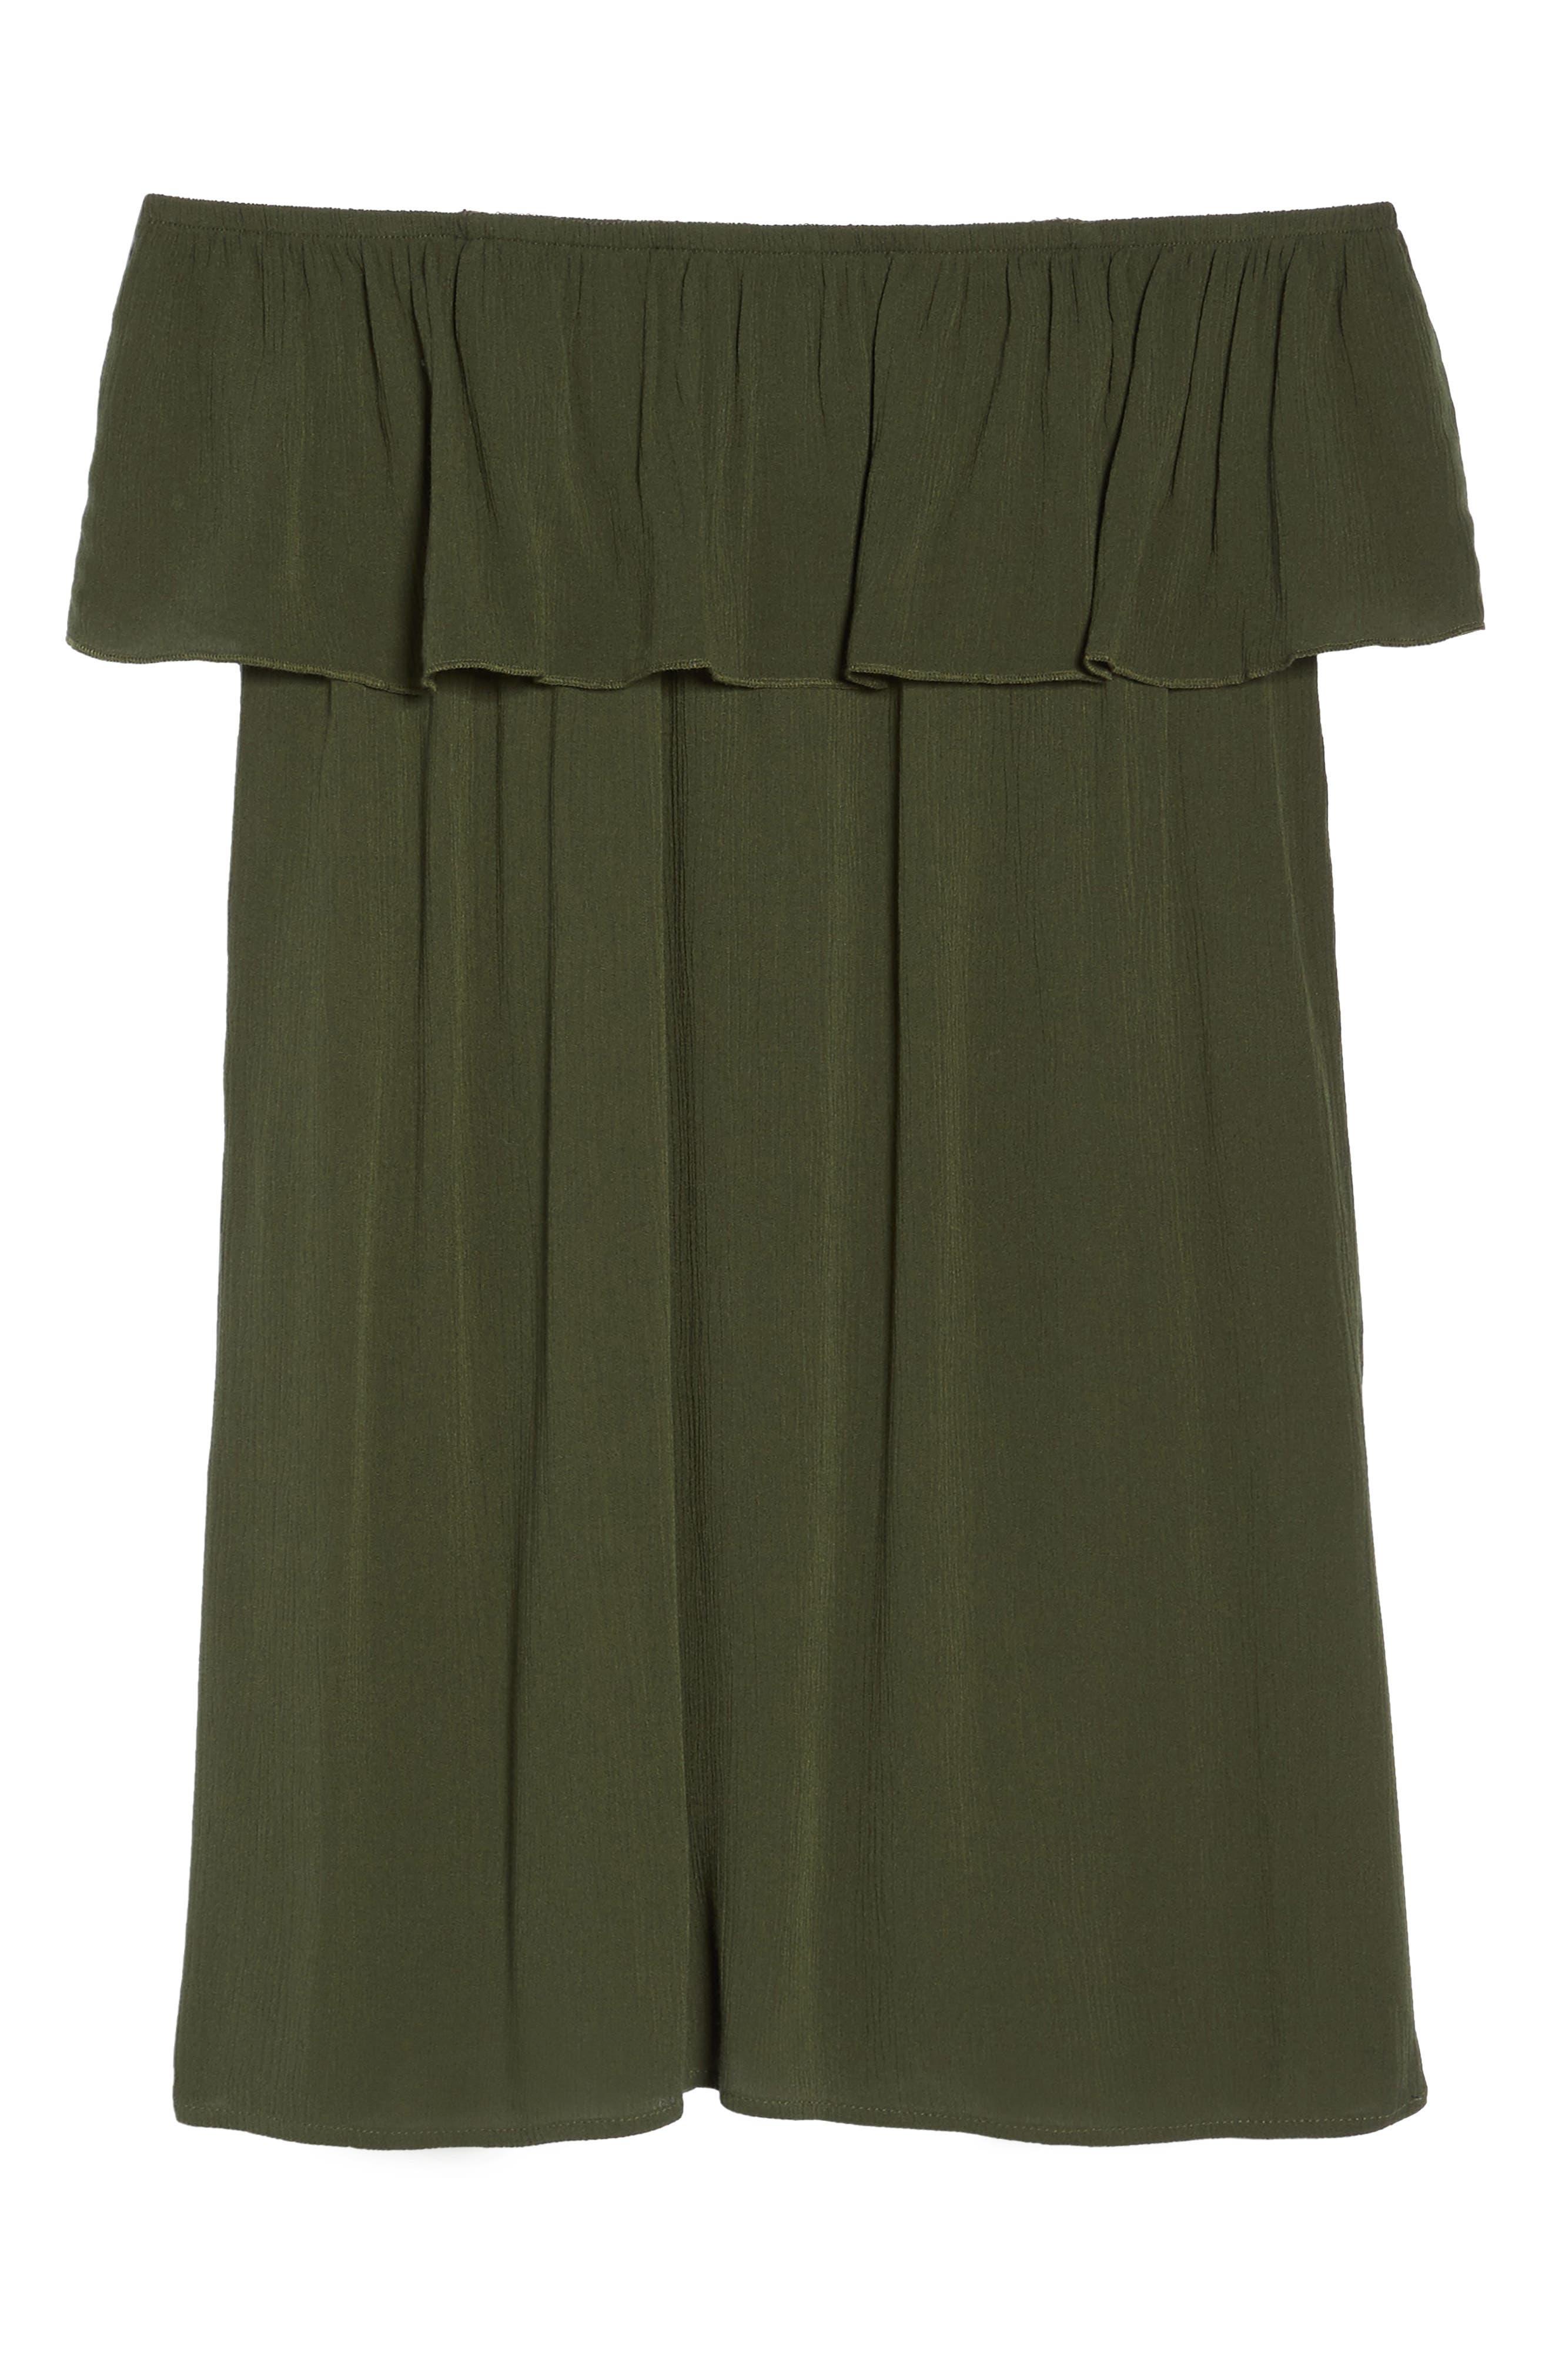 Southern Belle Off the Shoulder Cover-Up Dress,                             Alternate thumbnail 6, color,                             Bay Leaf